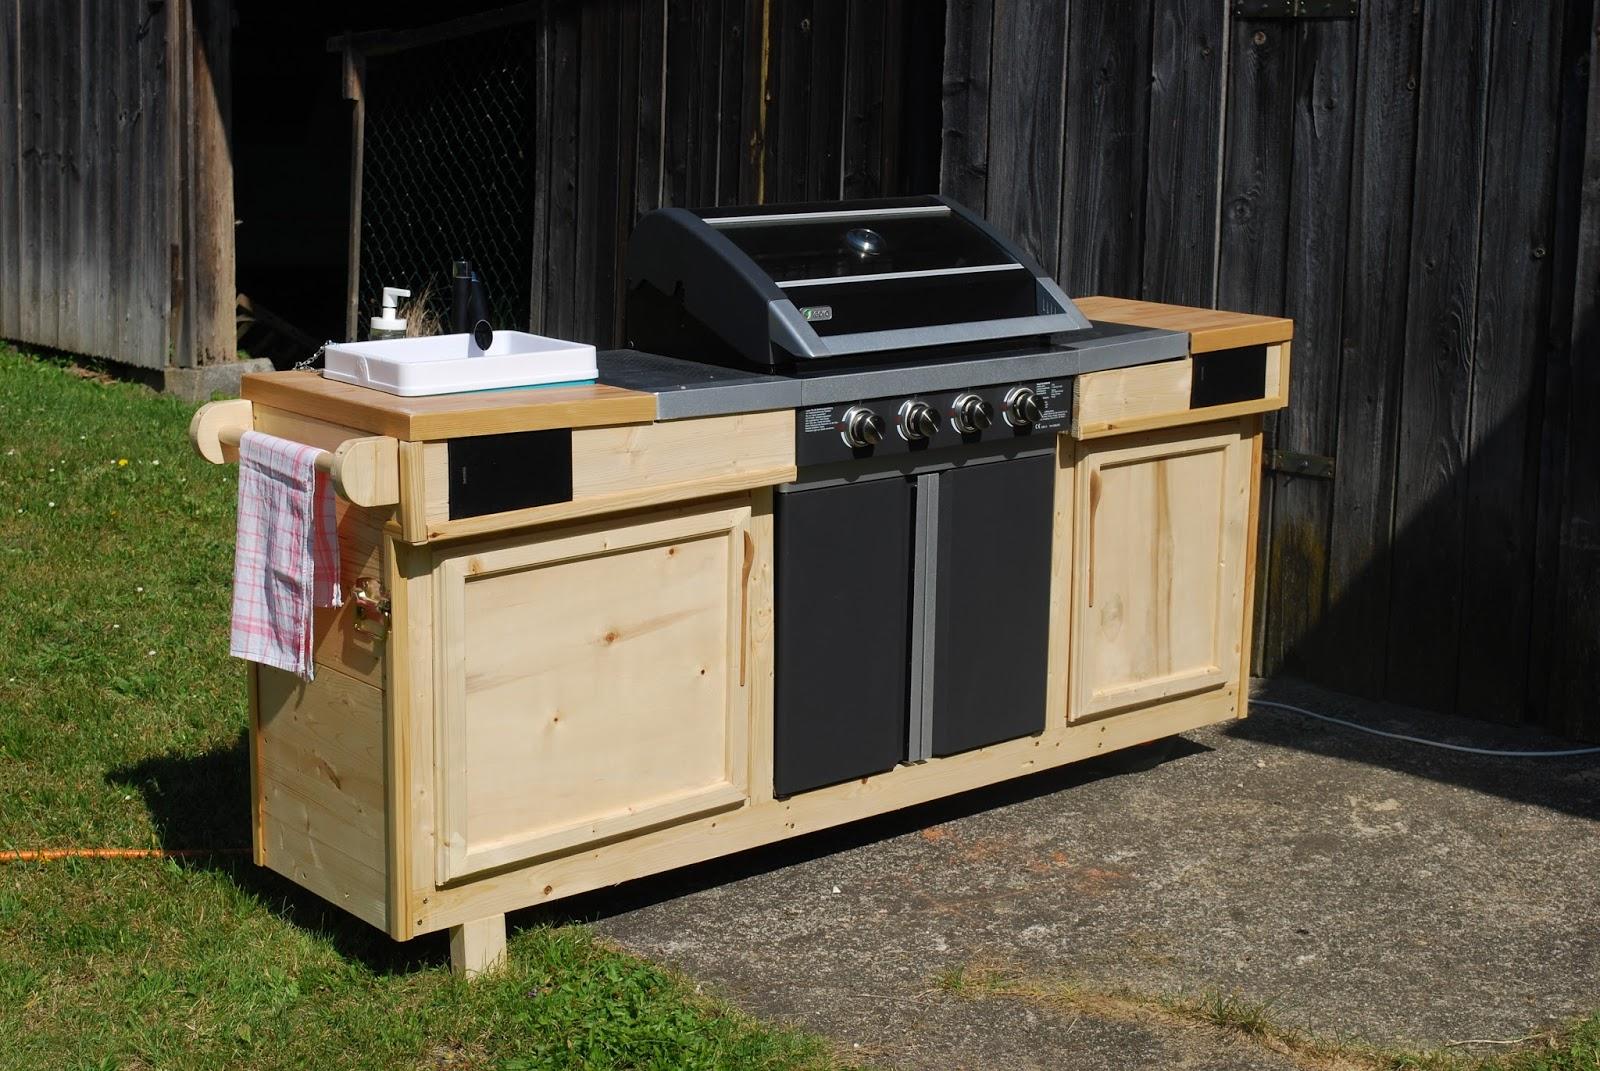 Outdoorküche Holz Preis : Meine arbeiten rund um s holz das grillomobil oder wie baue ich